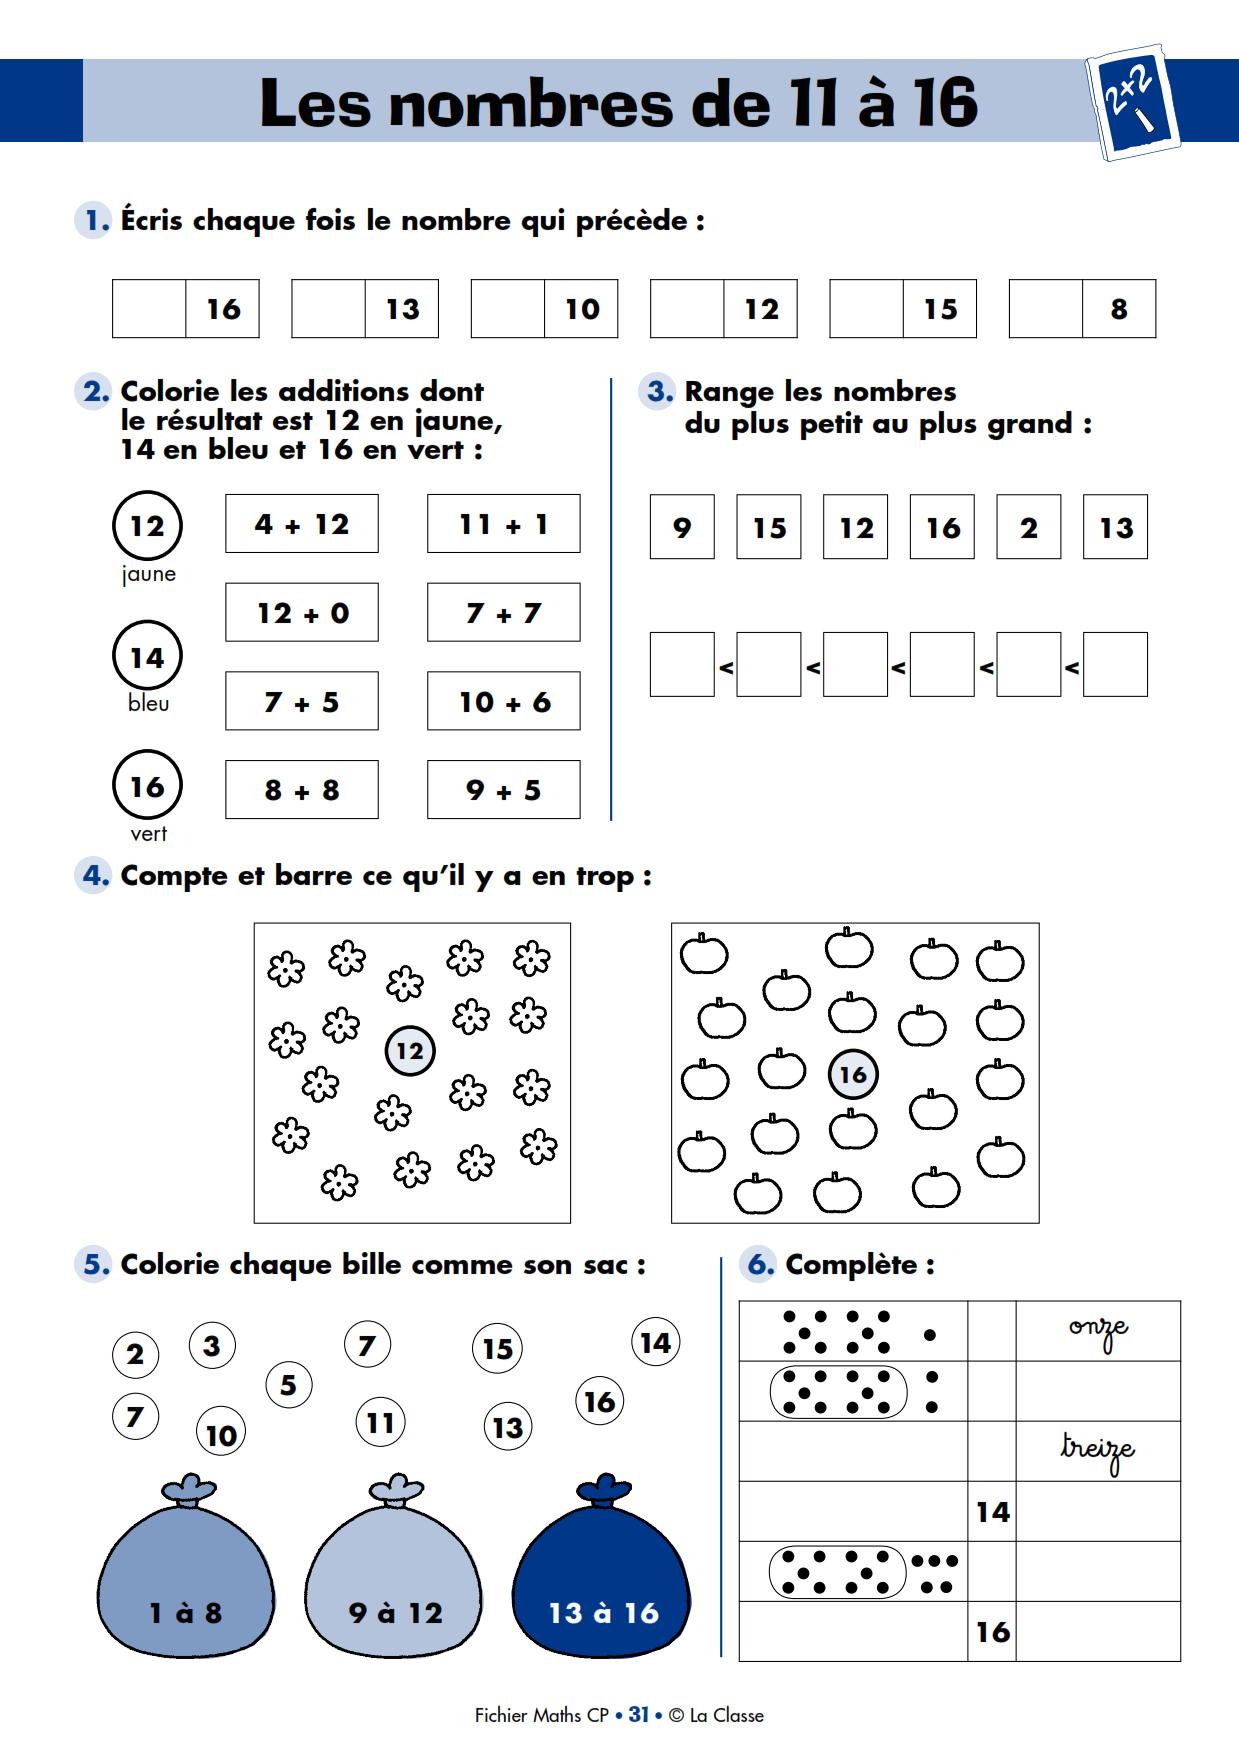 7 Fiches Pour Decouvrir Le Nouveau Fichier Maths Cp De